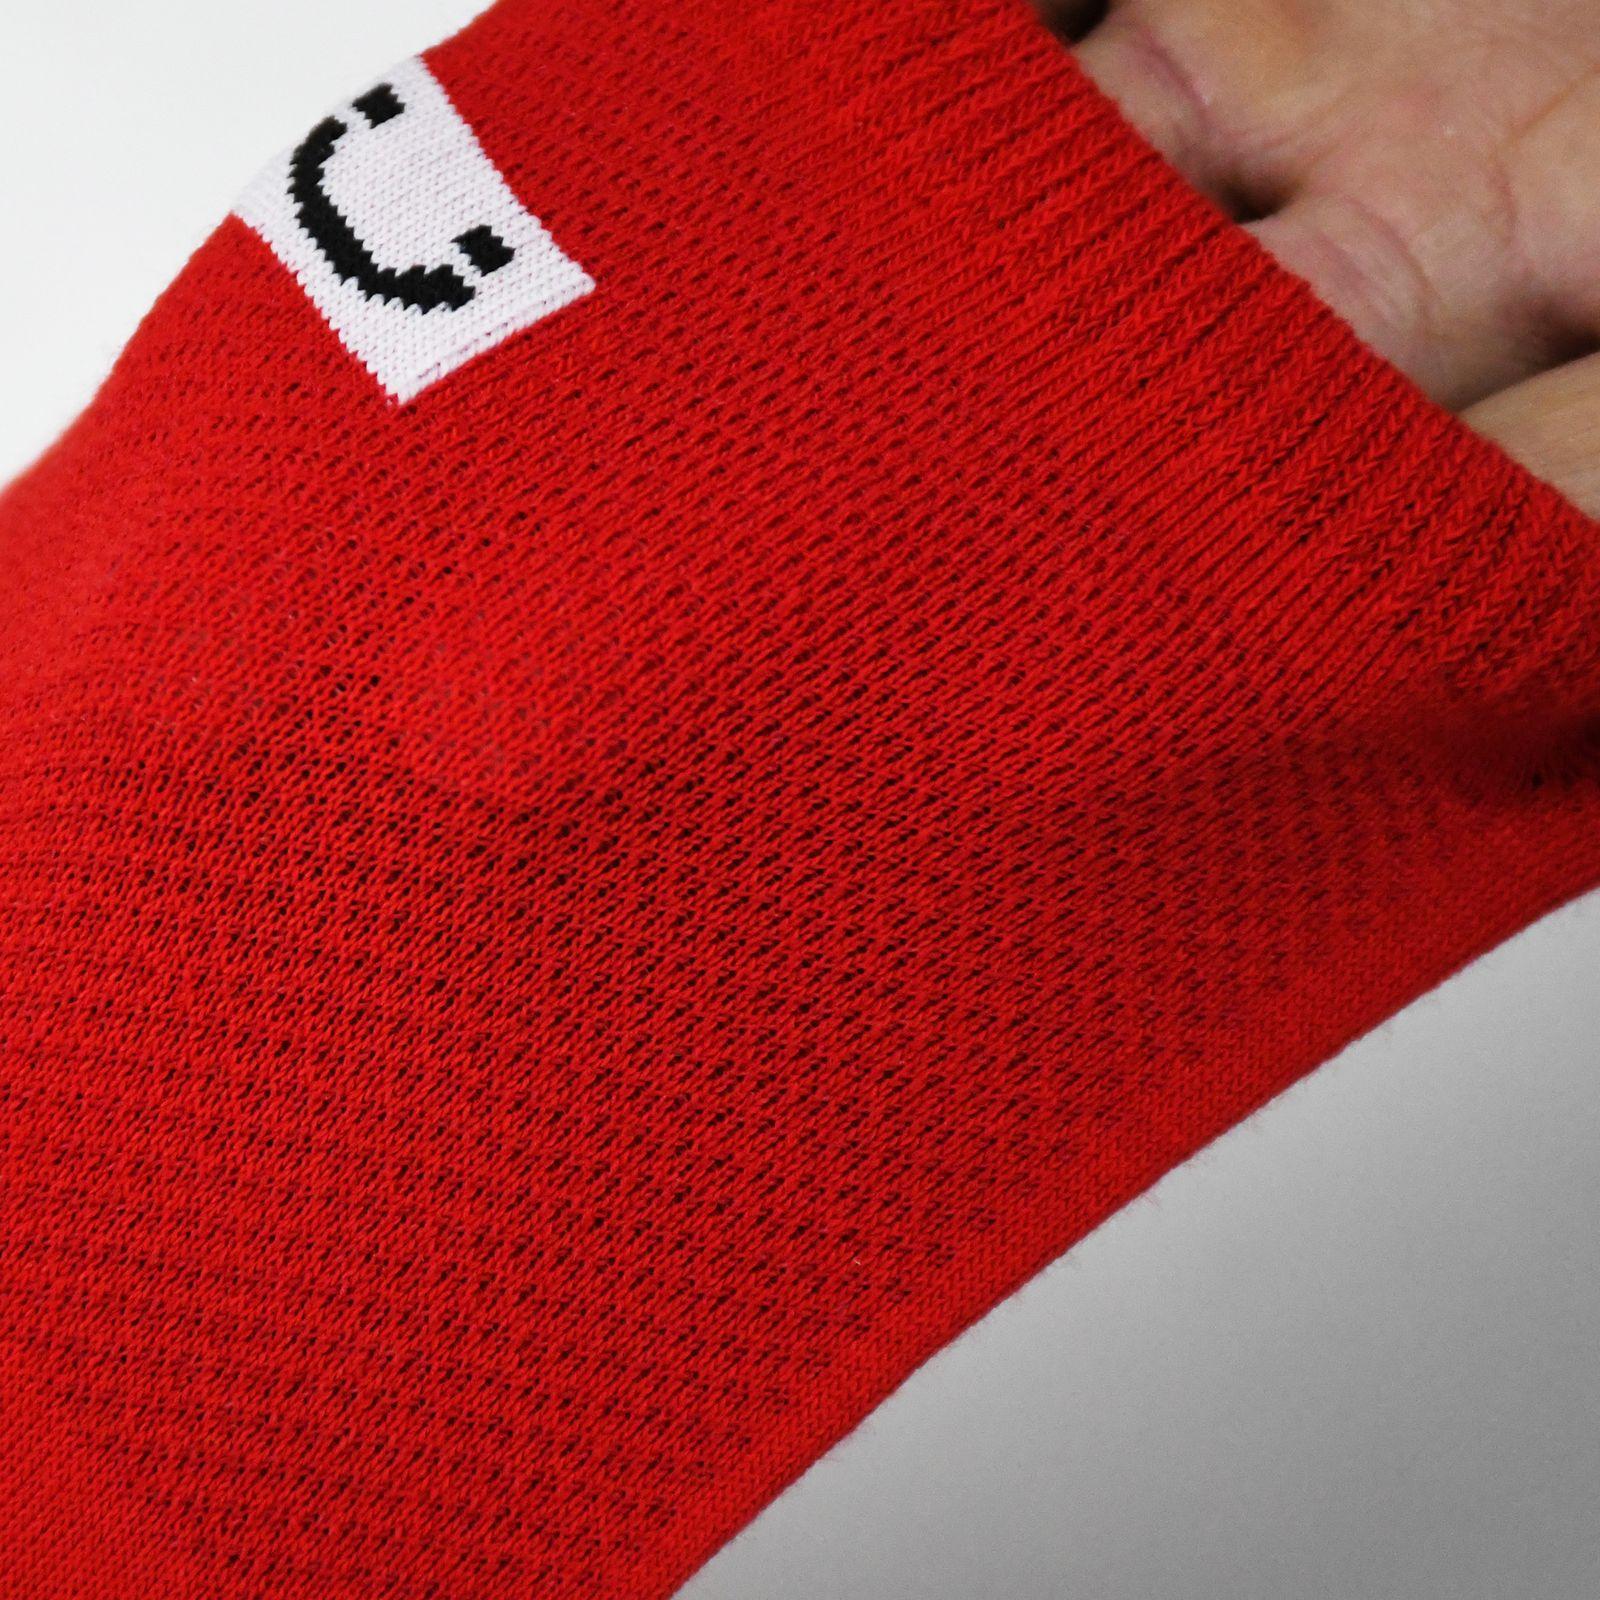 جوراب زنانه فیرو پلاس مدل KL307 مجموعه 3 عددی -  - 1